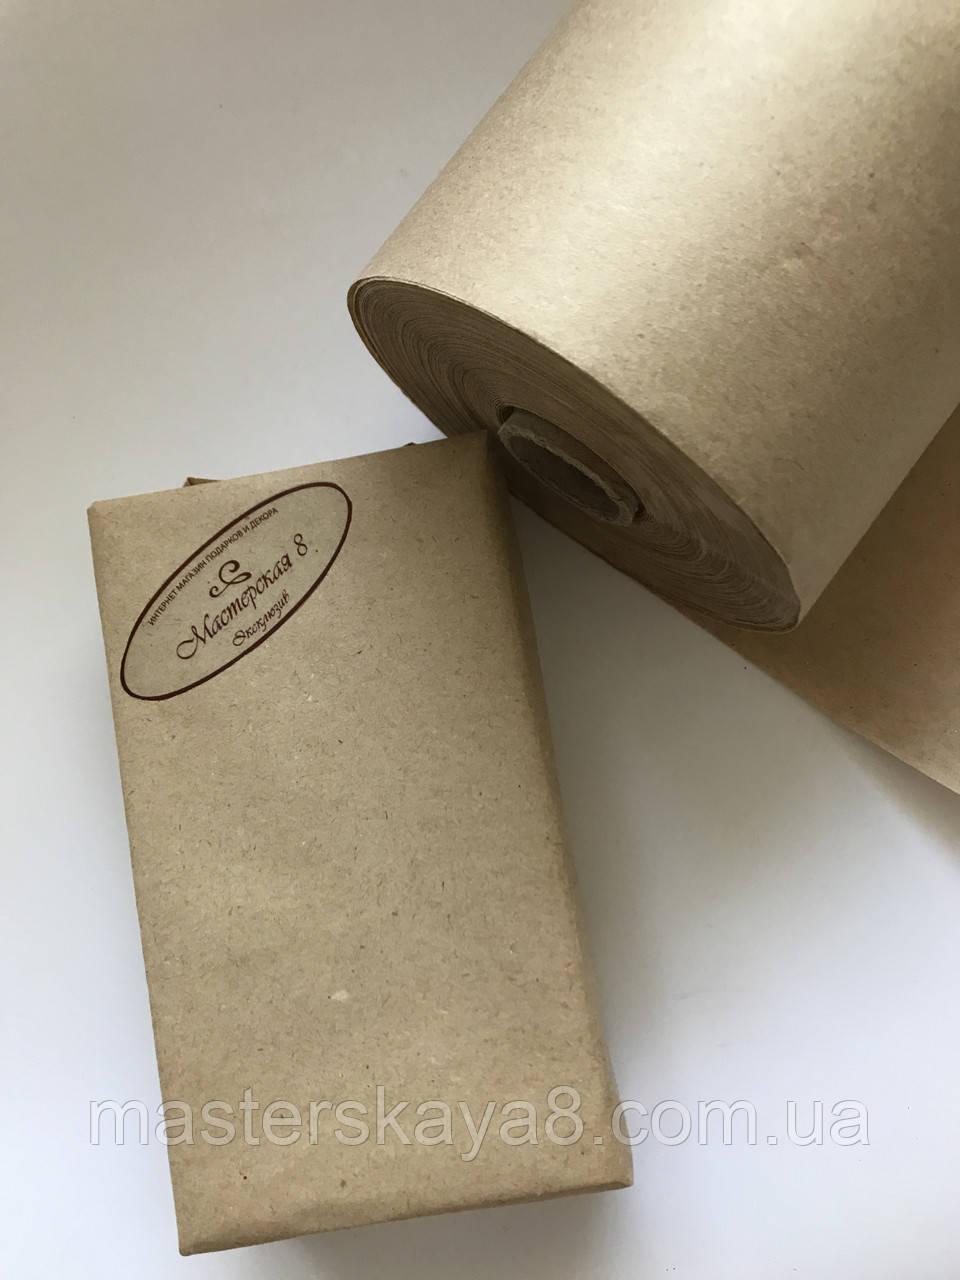 Бумага крафт 10 метров рулон, ширина 70 см, пл. 60 г/м2 , упаковочная бумага, обёрточная бумага